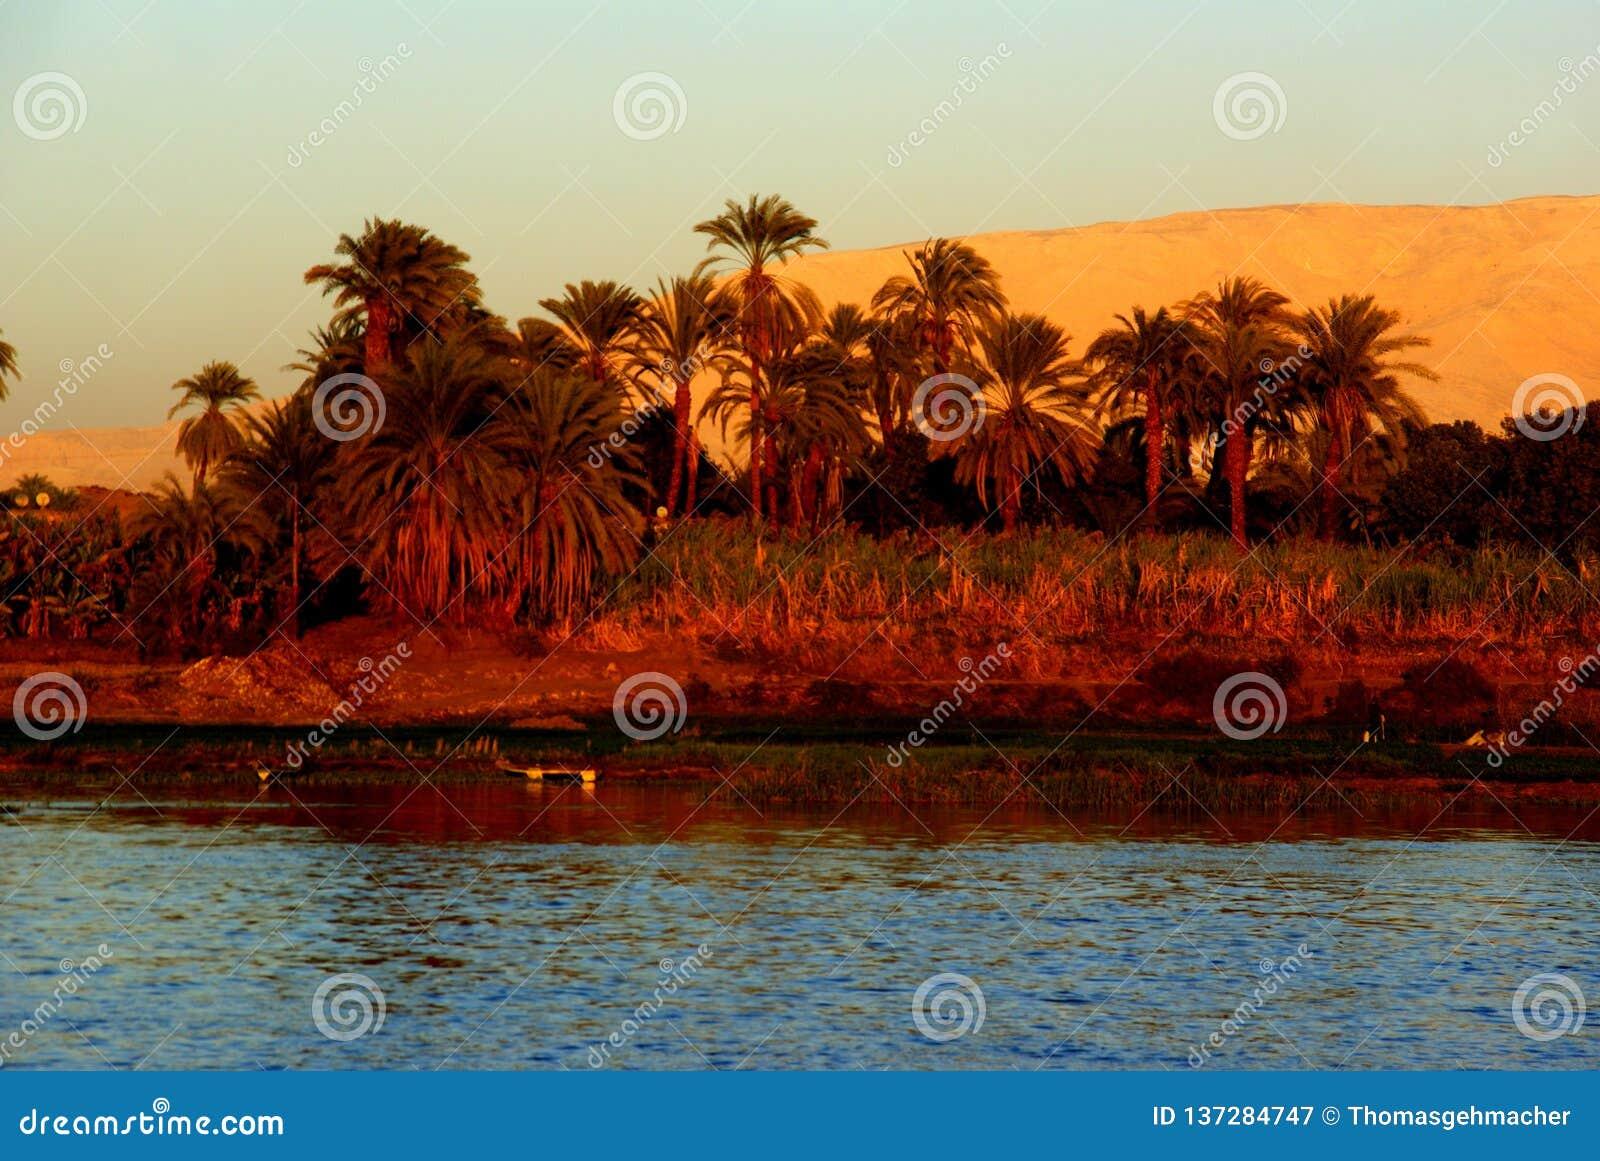 Rivage du Nil avec des palmiers dattiers dans la lumière égalisante rouge